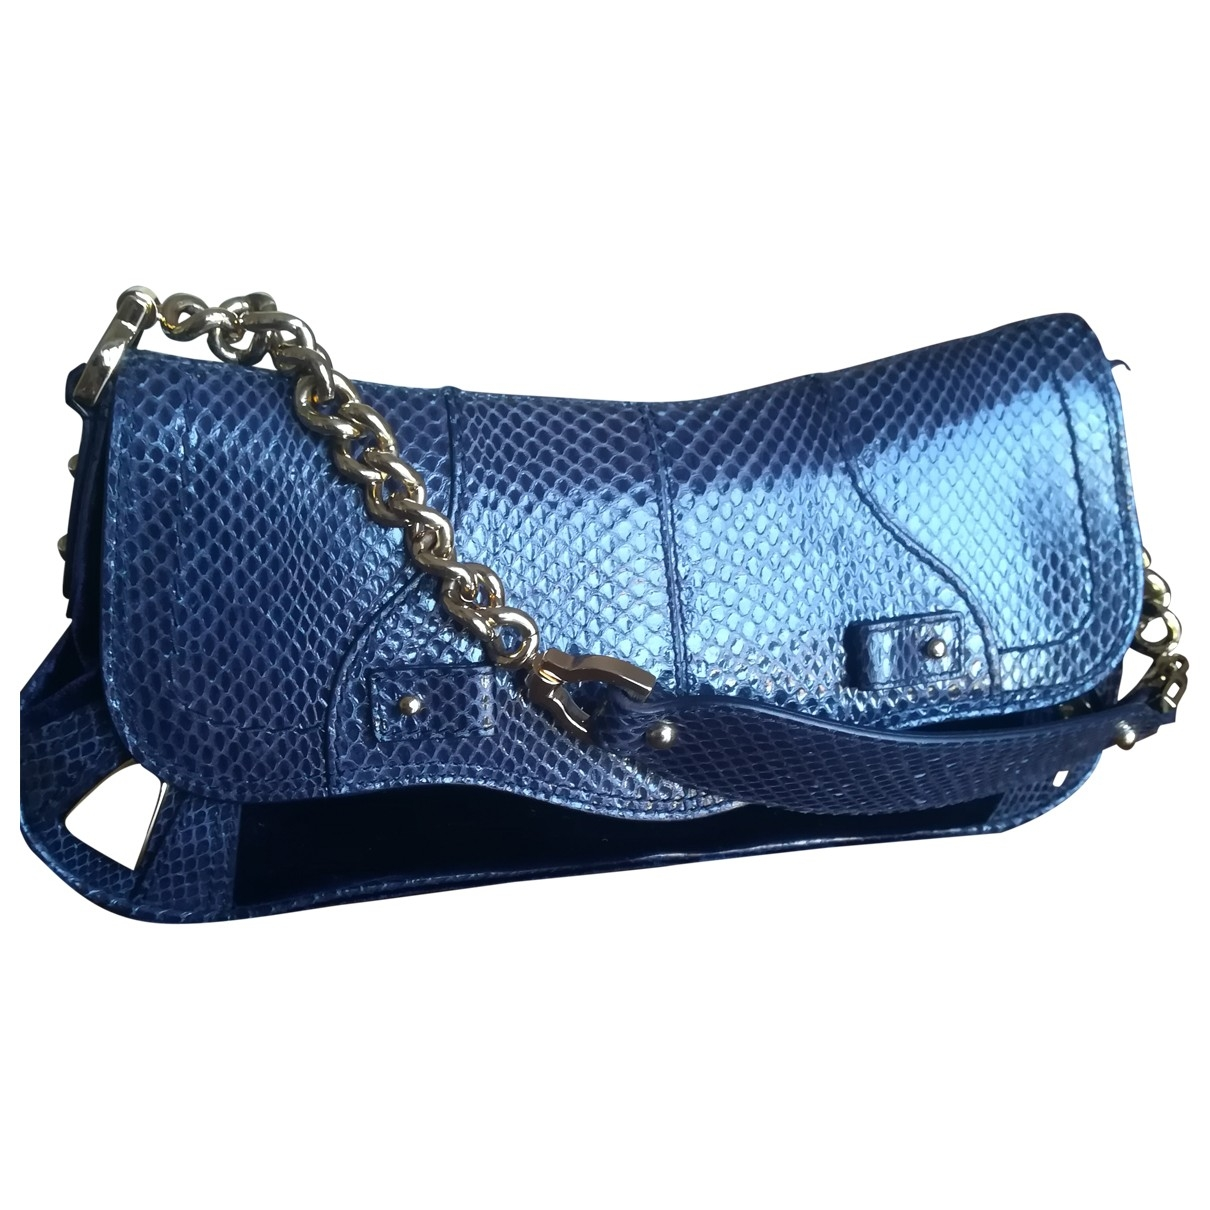 Dolce & Gabbana \N Handtasche in  Blau Echse